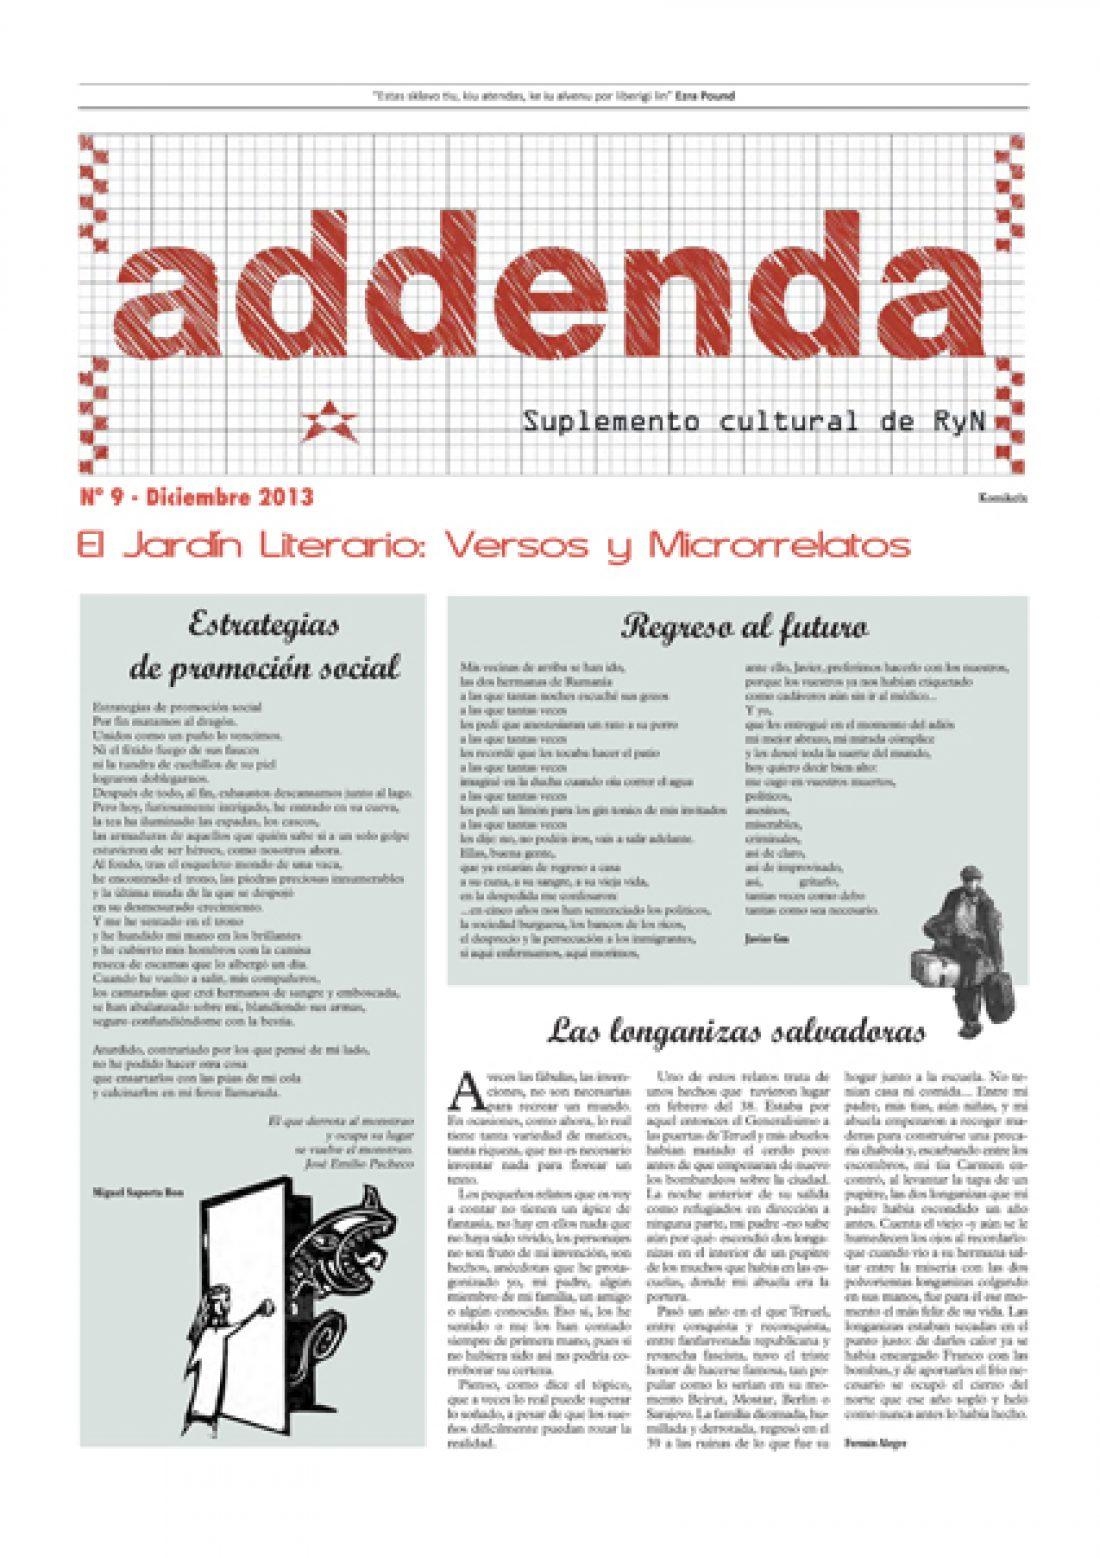 Addenda, suplemento cultural del RyN – Nº 9, diciembre 2013